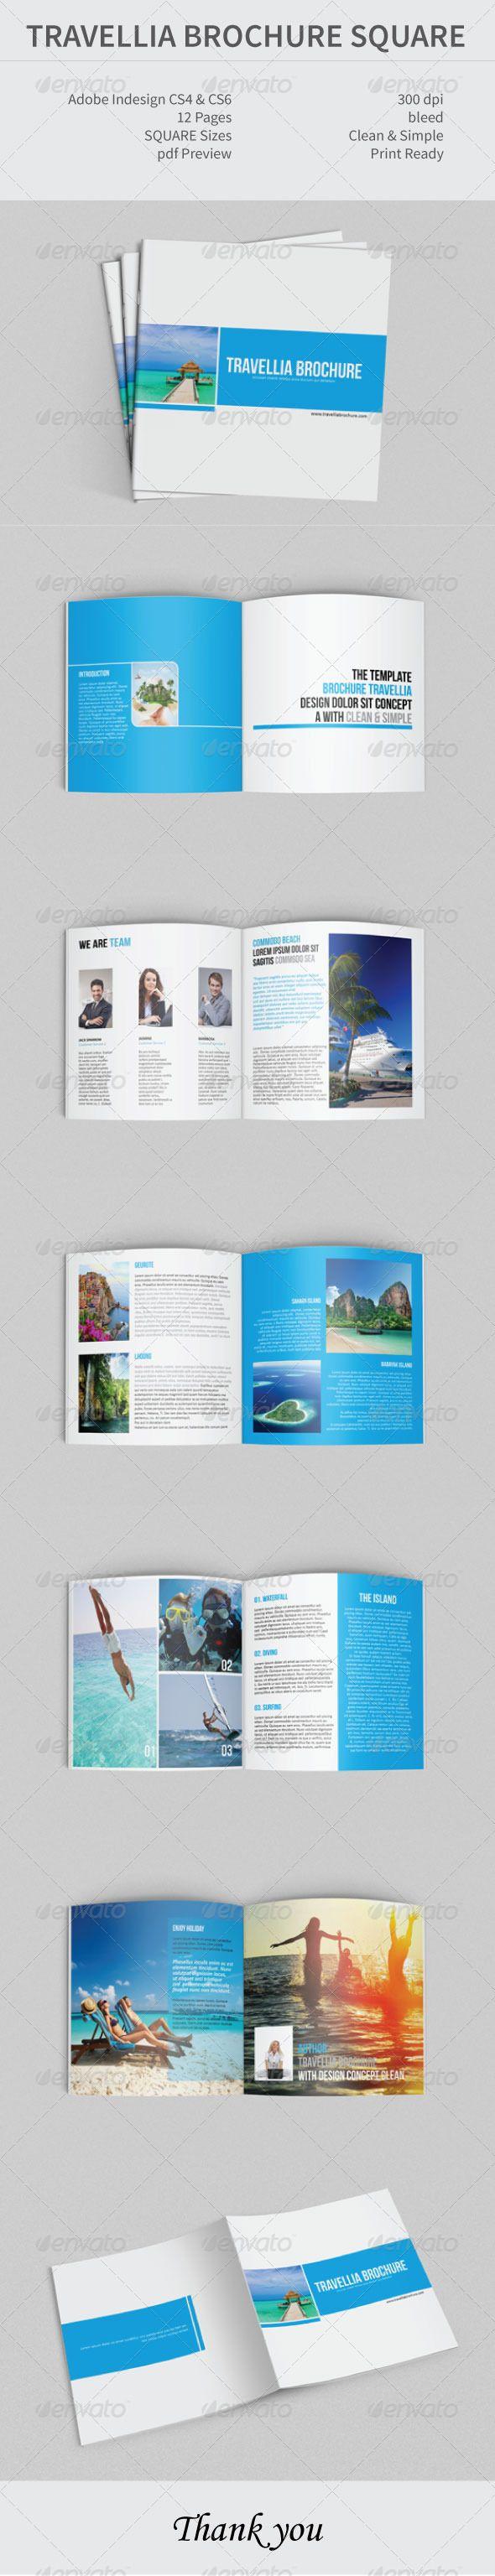 Beste Kostenlose Reise Broschüre Vorlage Fotos - Entry Level Resume ...